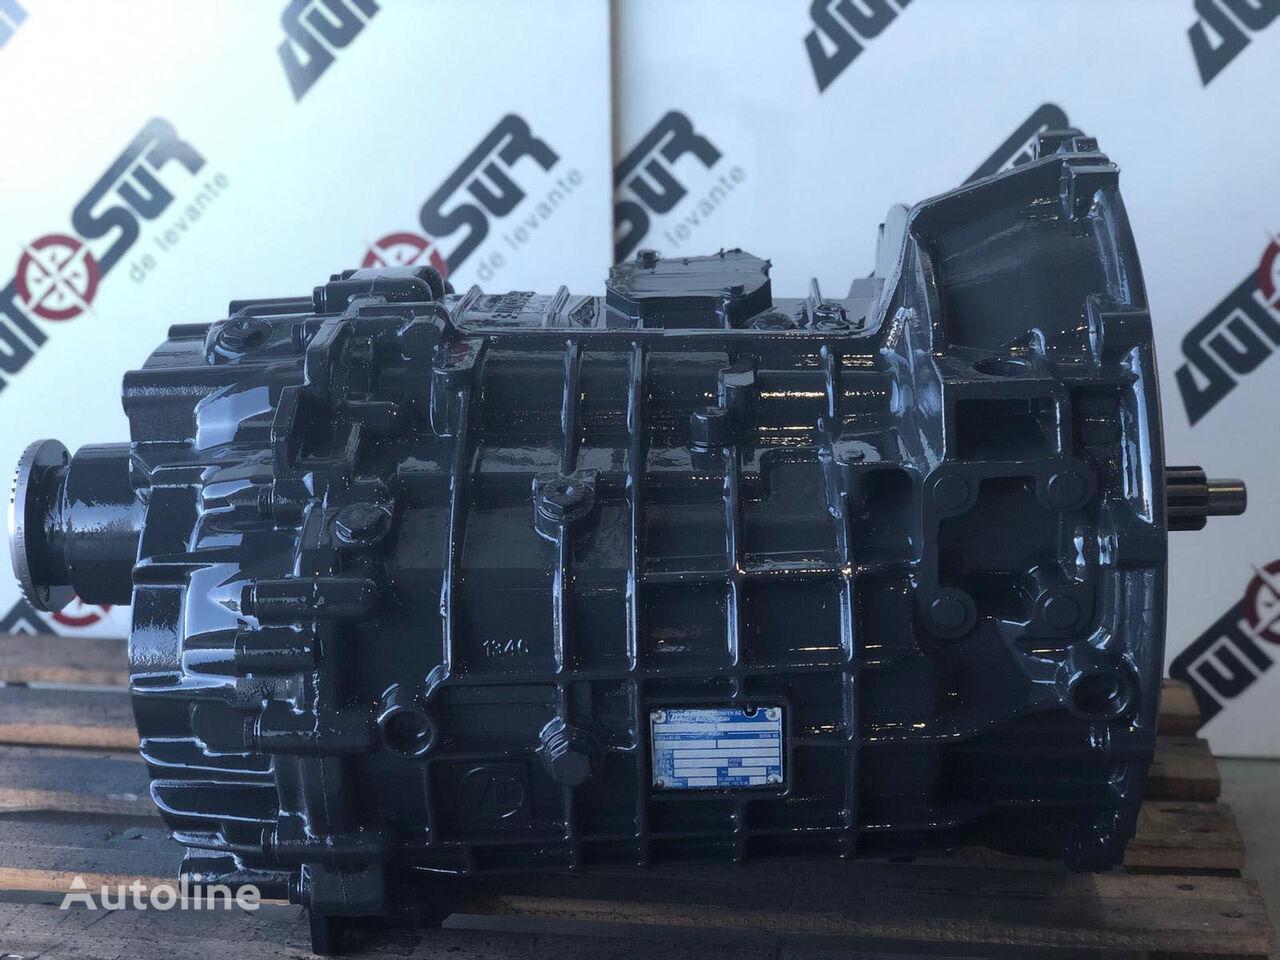 КПП ZF 1347061002 (504271628) для грузовика